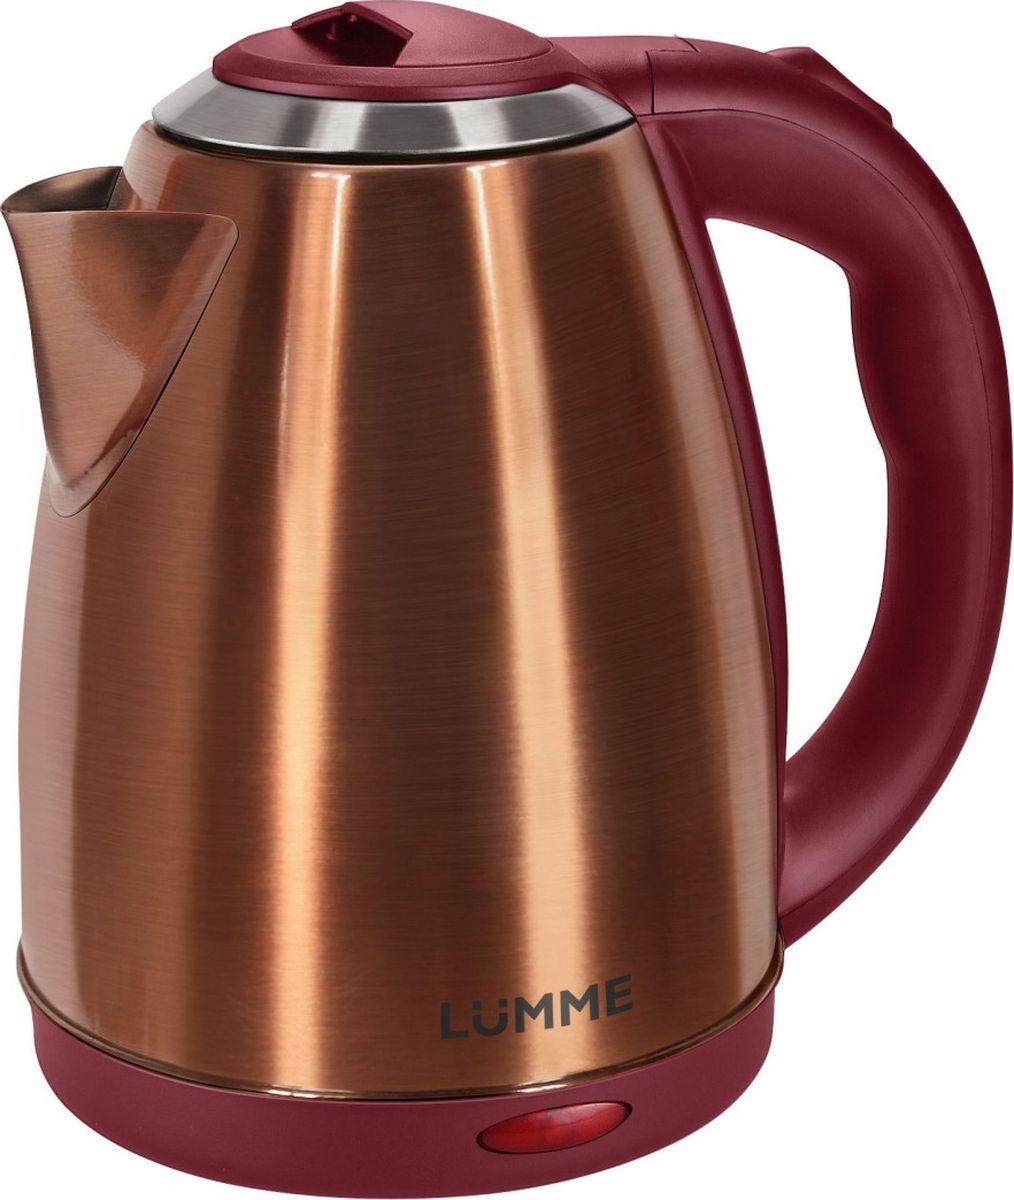 Lumme LU-132, Red Ruby чайник электрическийLU-132 рубинВместительный металлический чайник Lumme LU-132 объемом 2.0 литра из высококачественной нержавеющей стали.Пищевая нержавеющая сталь способствует сохранению природного вкуса и натуральных свойств воды. Для быстрого закипания чайник оснащен нагревательным элементом мощностью 1,8 к Ватт, защищенного плоским стальным дном для равномерности нагрева, противостояния накипи, коррозии и для большего удобства в уходе.Система автоматического отключения при закипании или недостаточном количестве воды заметно продлит срок работы чайника. Чайник оснащен базой питания, позволяющей брать его с любой стороны или вращать на 360 градусов, что делает прибор совершенно безопасным, а его эксплуатацию комфортной.